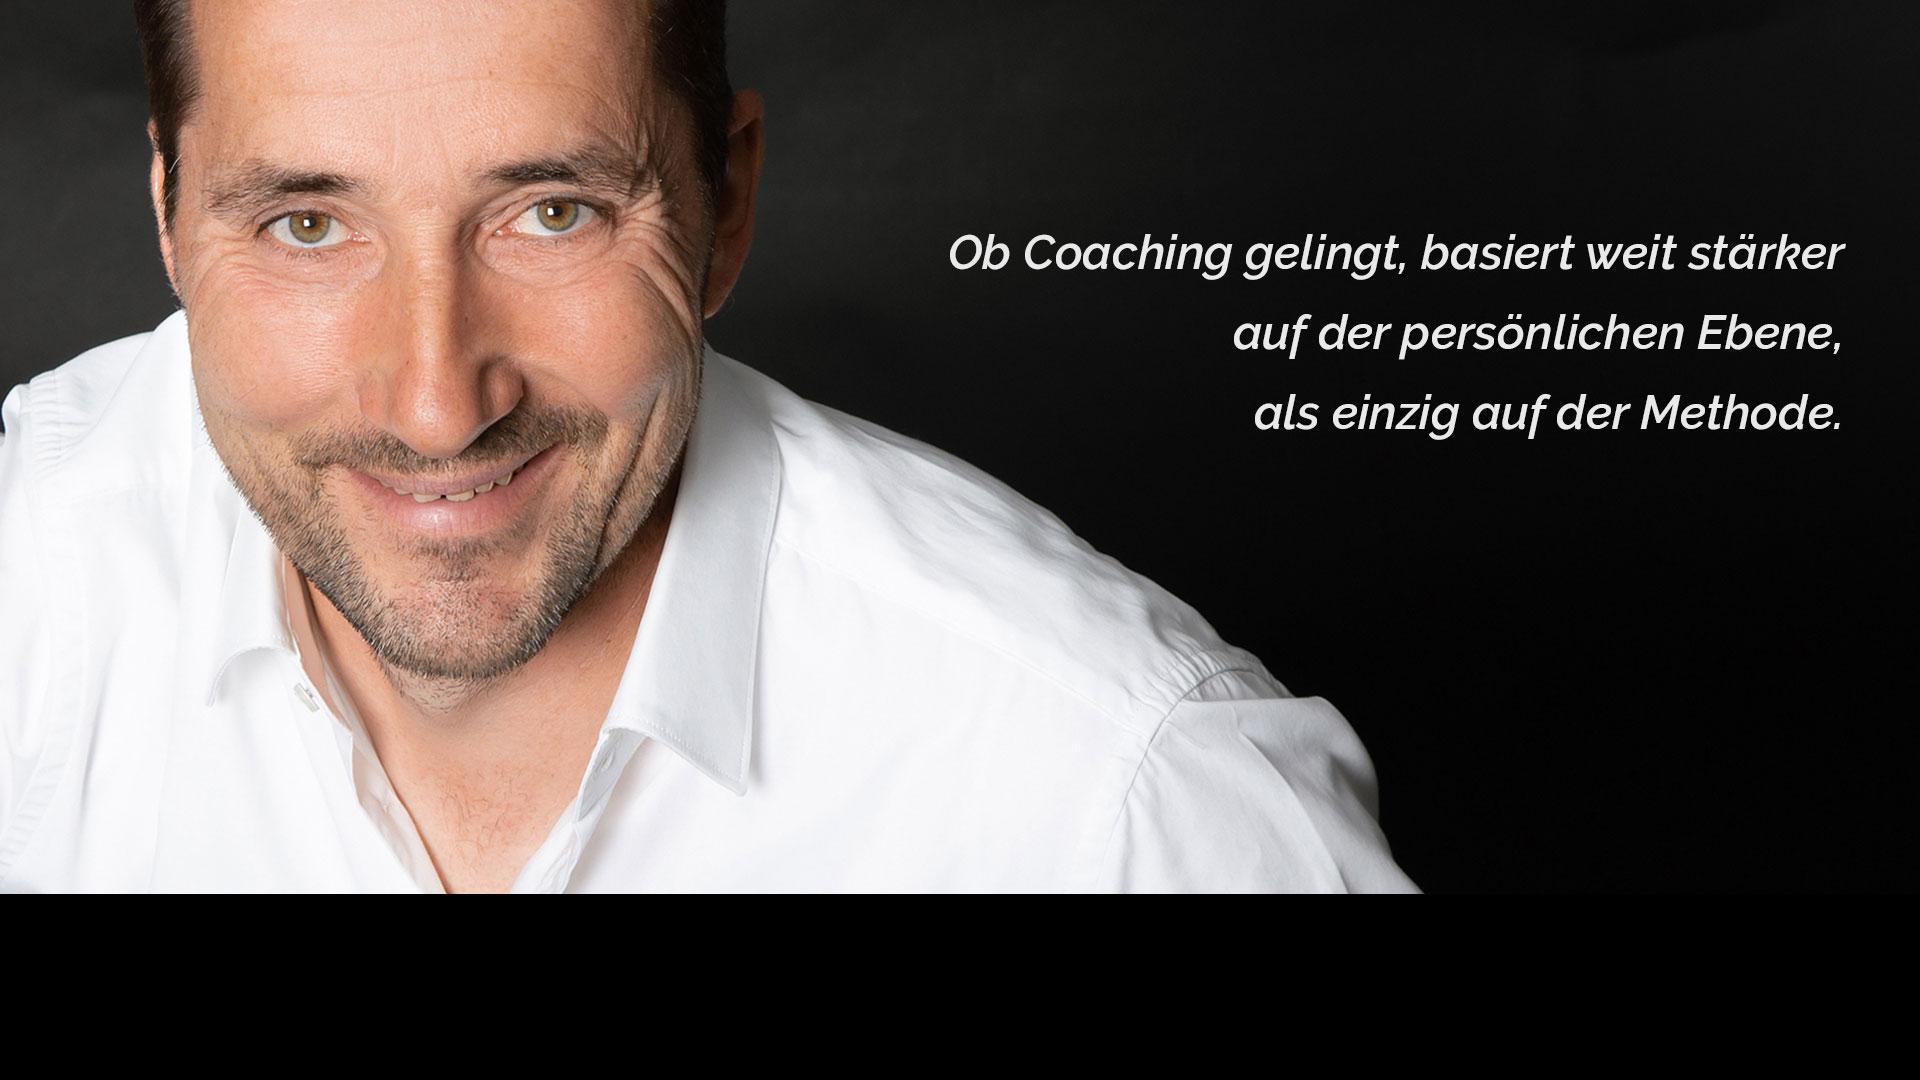 """Der lächelnde Coach Jürgen Möller und sein Slogan """"ob Coaching gelingt, basiert weit stärker auf der persönlichen Ebene, als auf der Methode""""."""